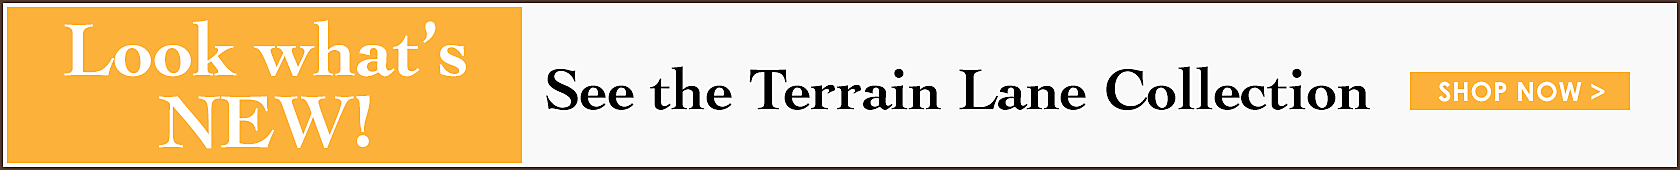 Terrain Lane Collection - Shop it now